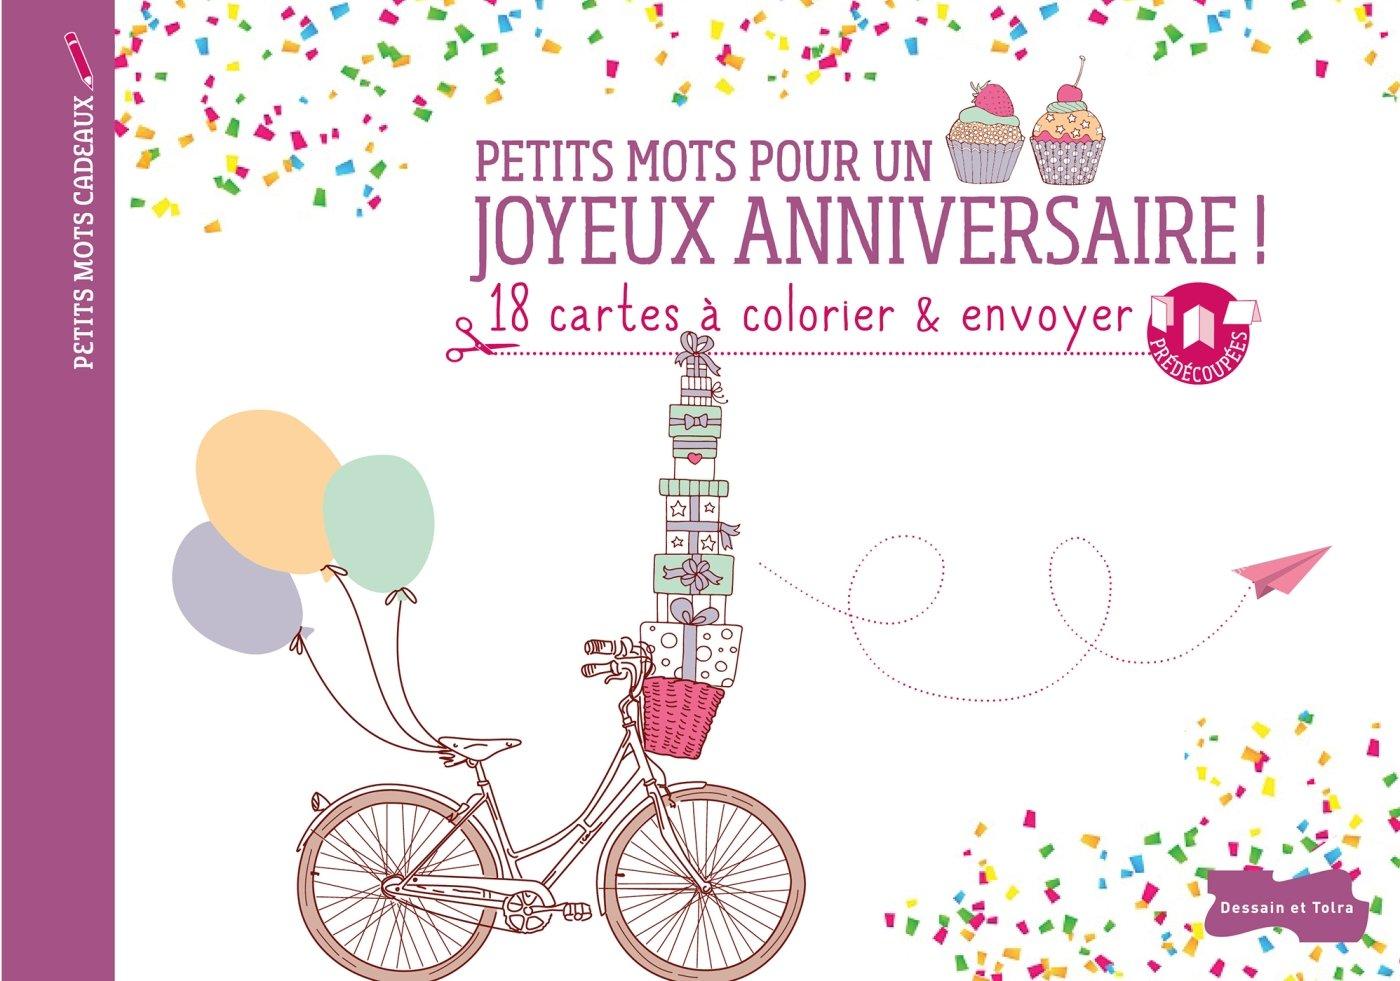 Petits Mots Pour Un Joyeux Anniversaire 18 Cartes A Colorier Et Envoyer Petits Mots Cadeaux French Edition Collectif 9782295006837 Amazon Com Books